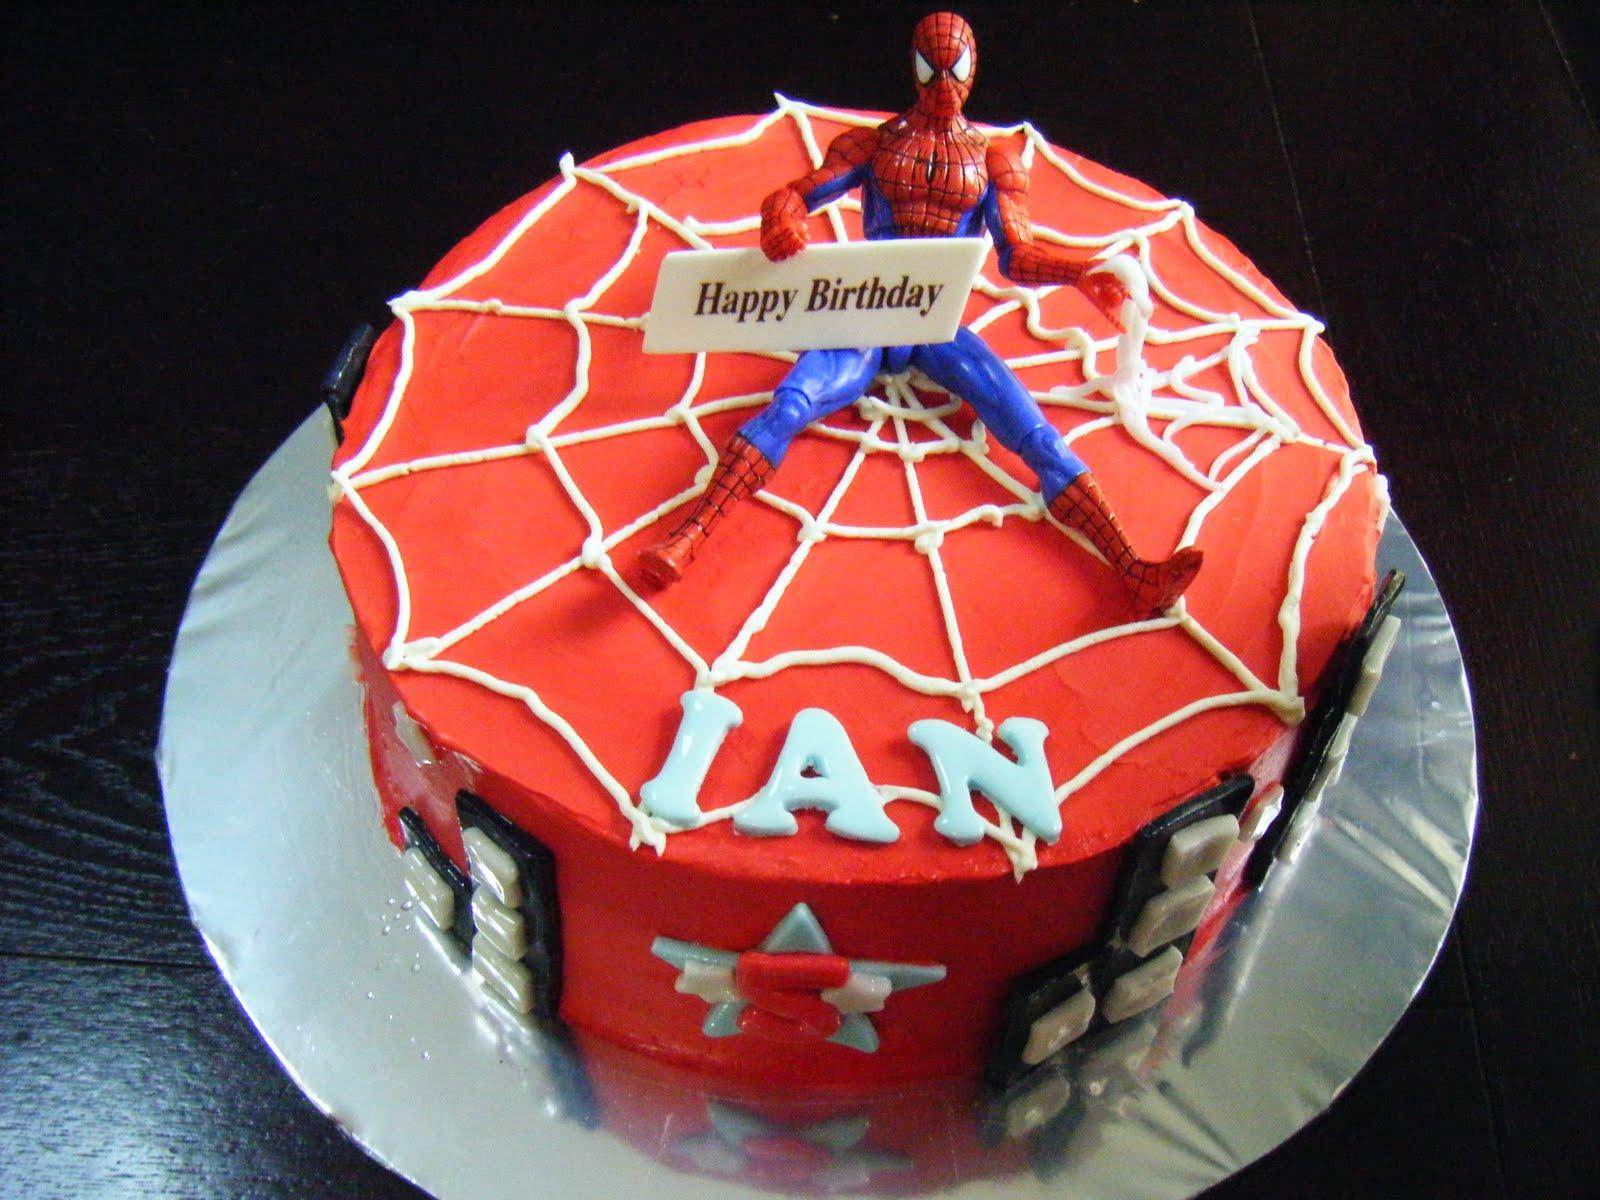 Spiderman Buttercream Cake Design : ~~~Ecupcakes~~~: SpiderMan ButterCream Cakes